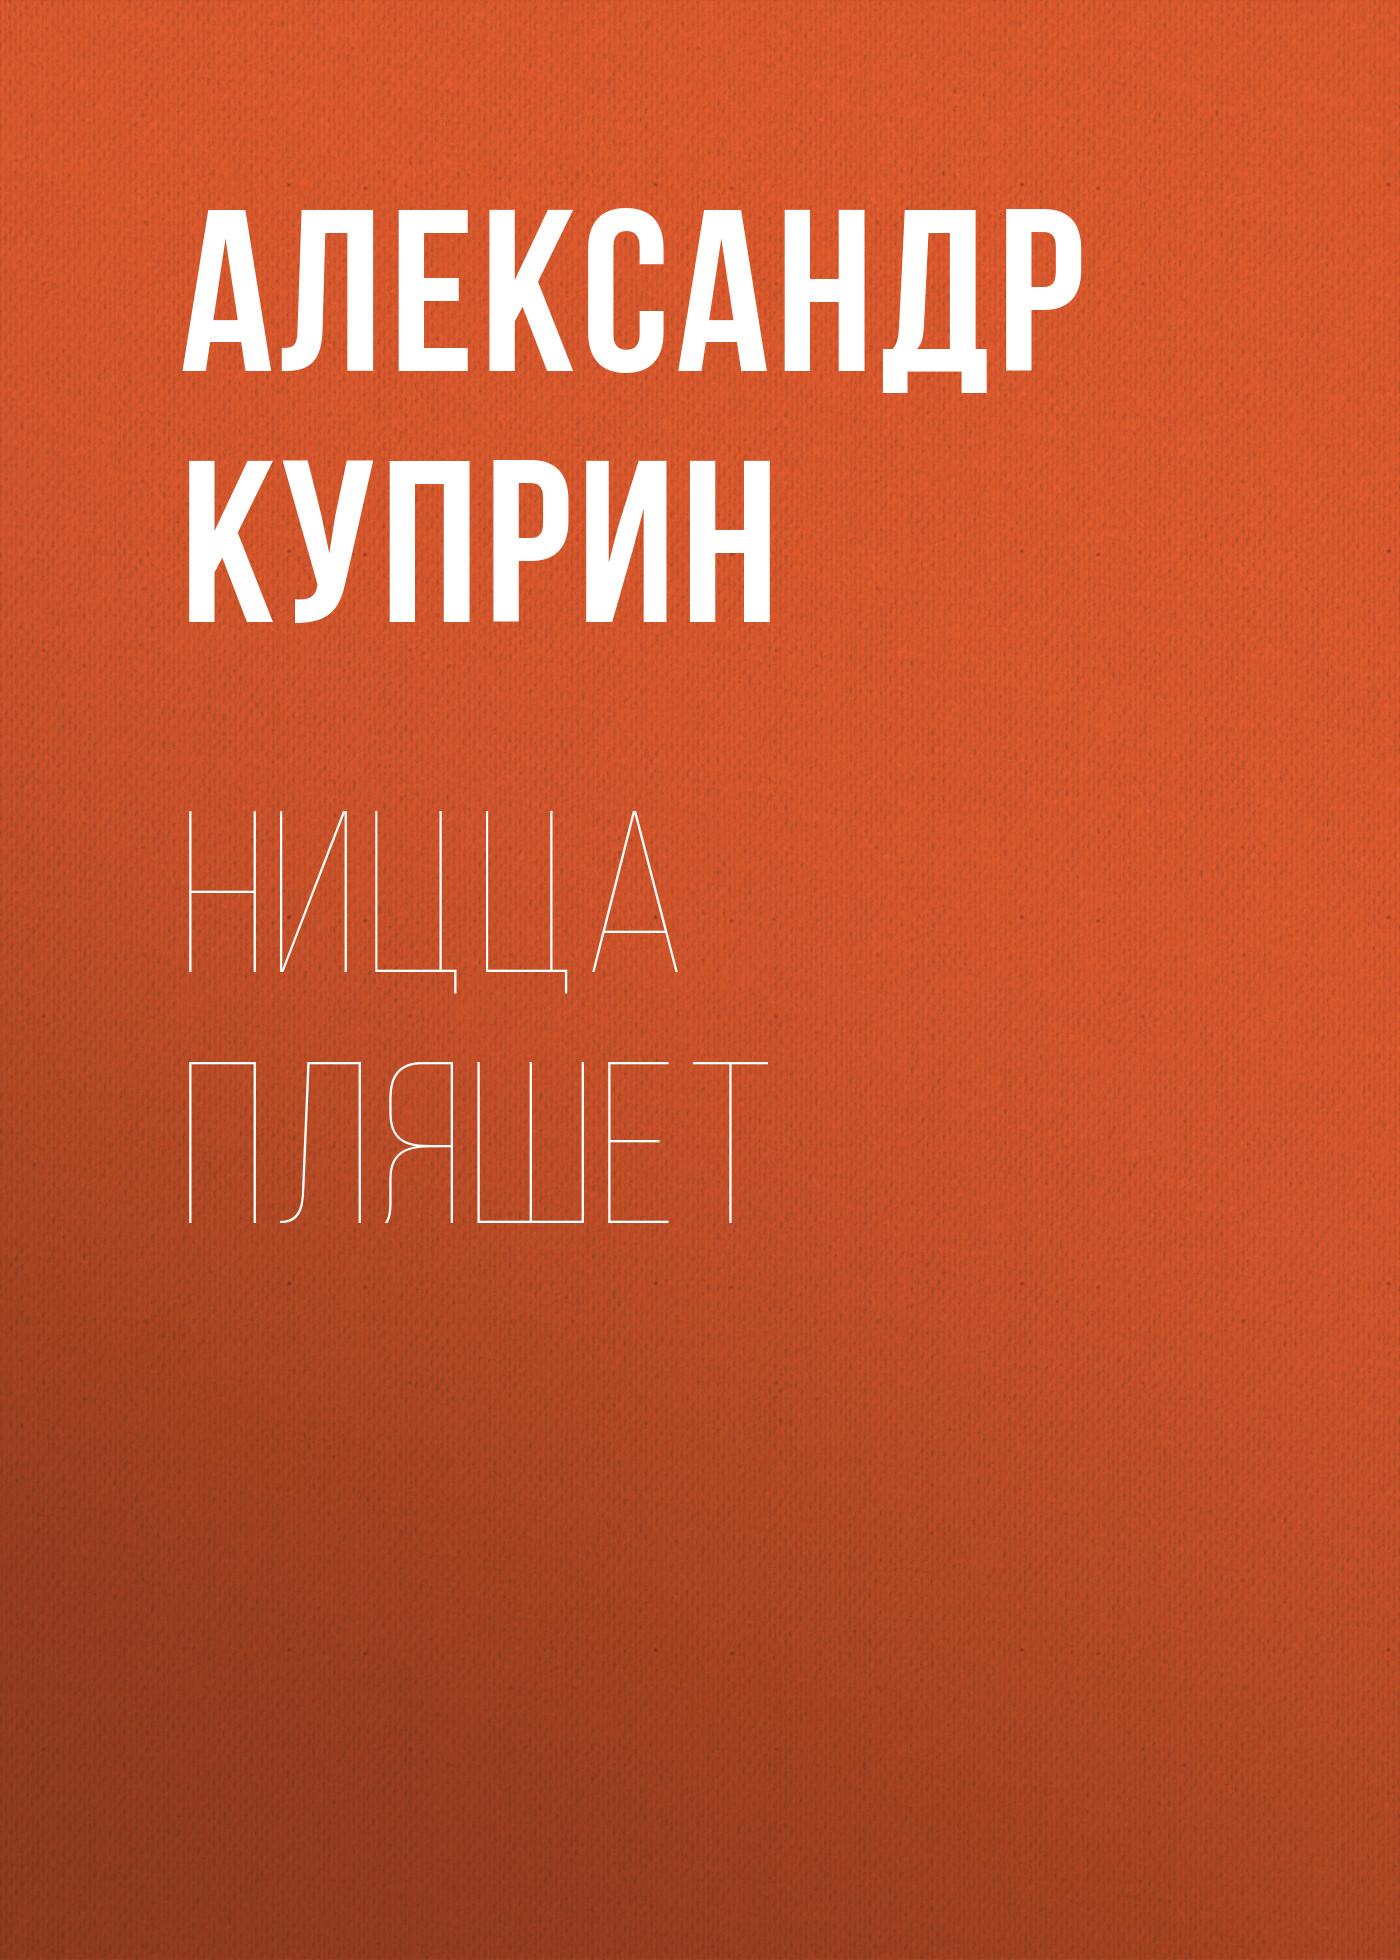 Купить книгу Ницца пляшет, автора А. И. Куприна